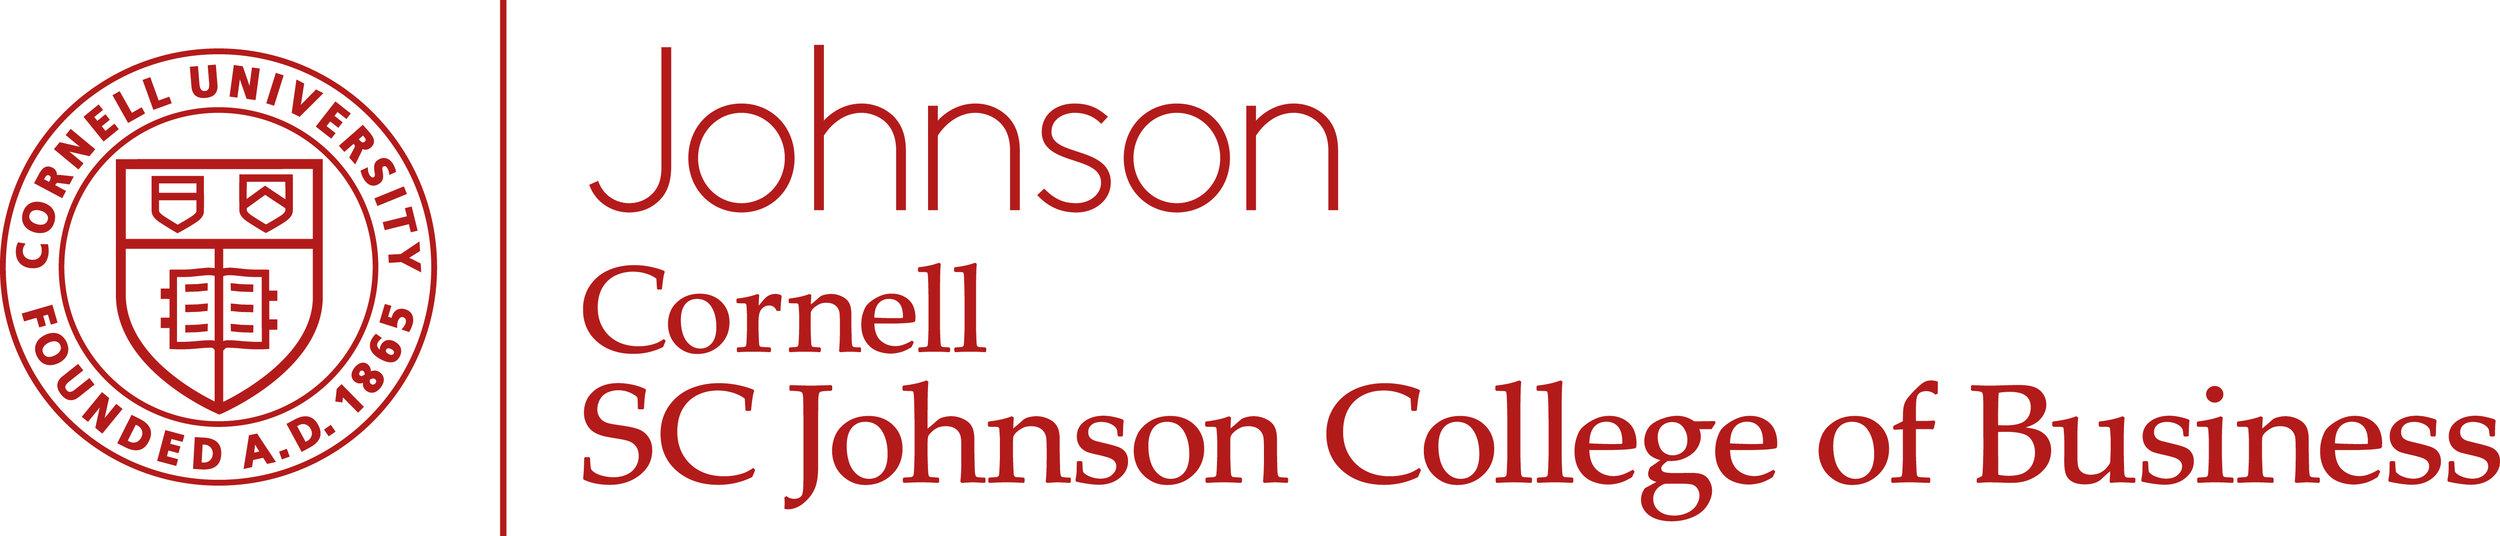 Johnson-logo-rgb.jpg